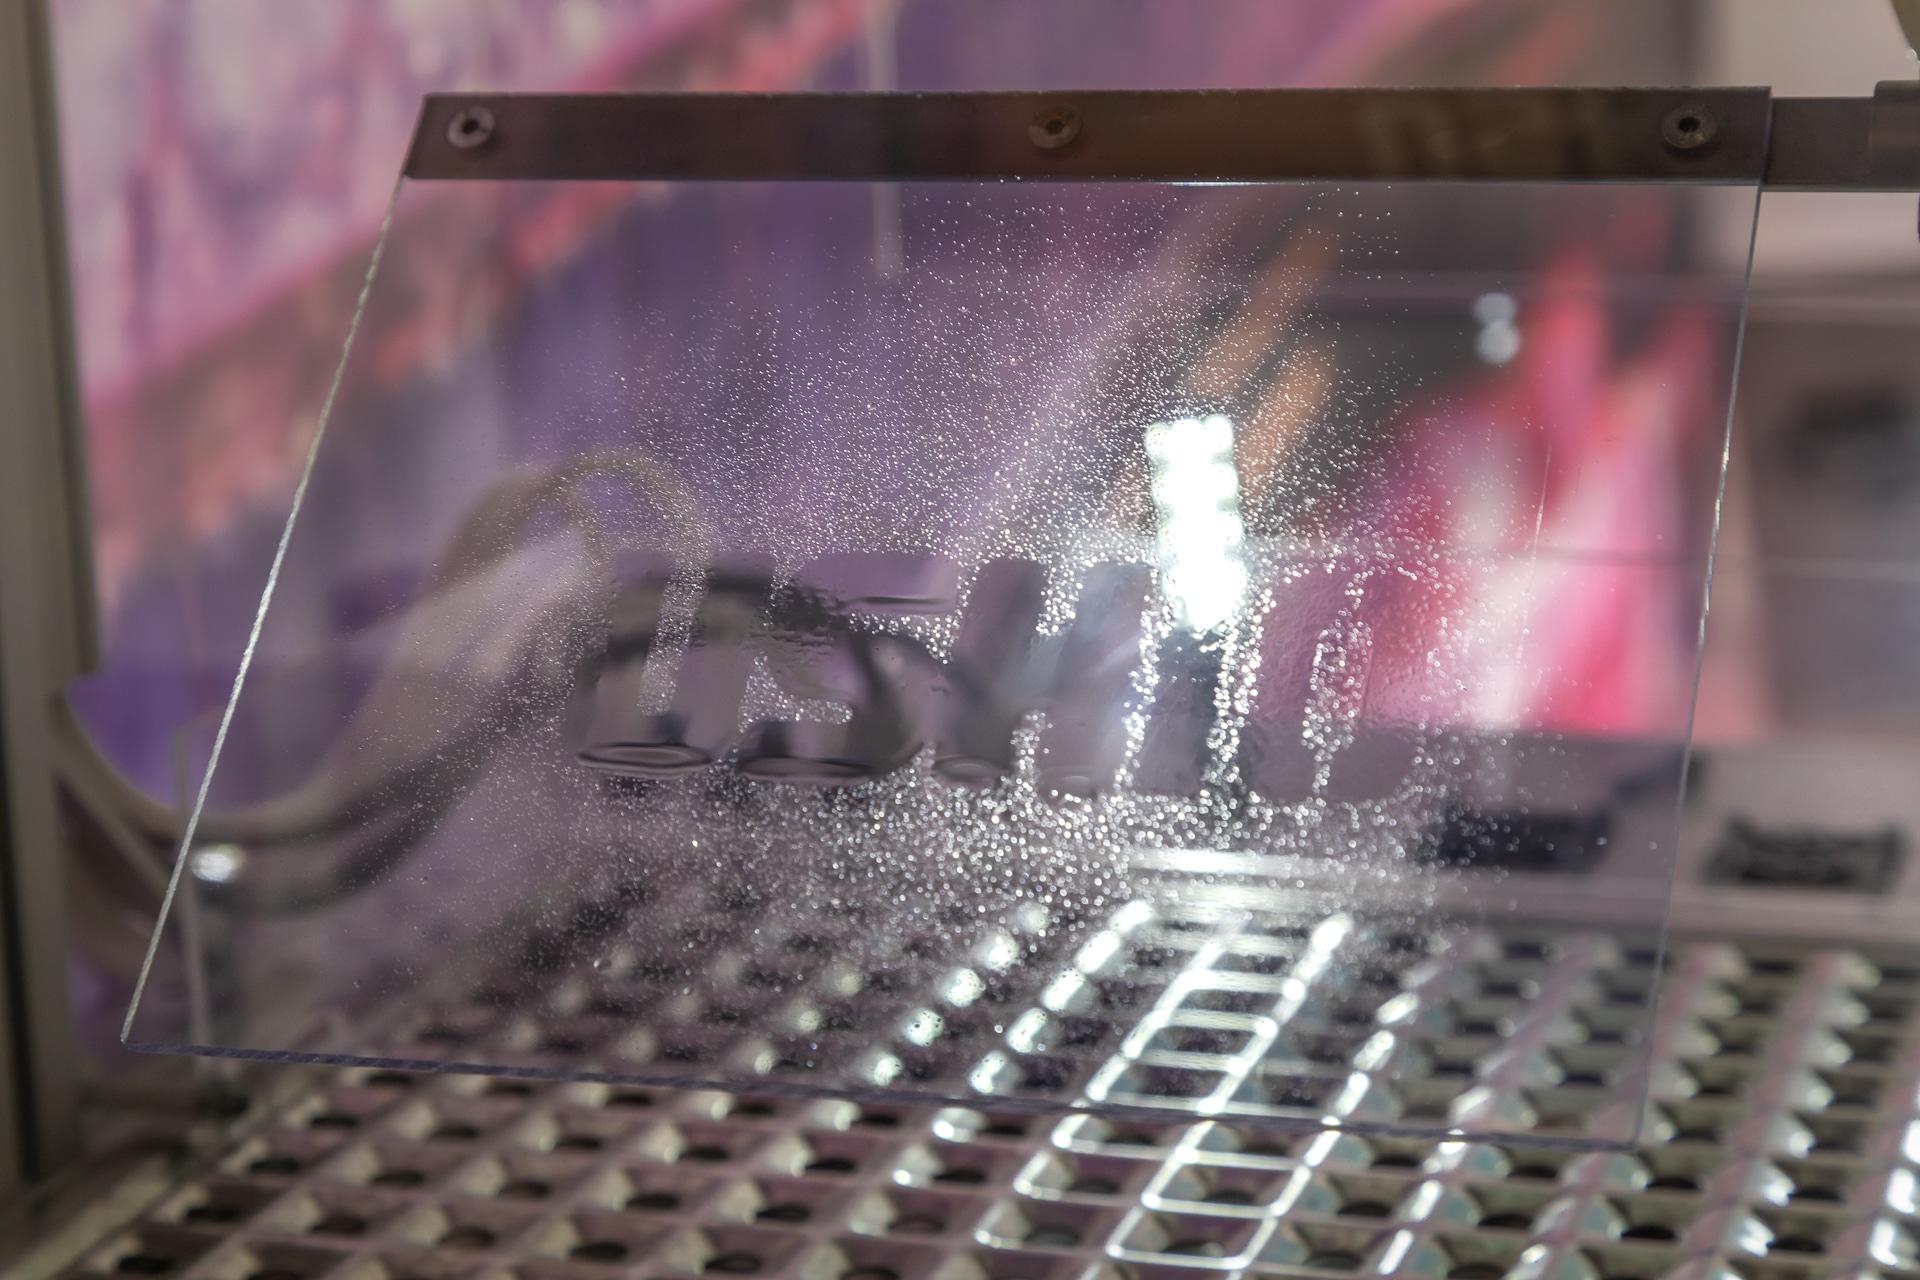 Während des Excimer Surface Activation Demonstrator von Ushio wird ein Polymer mit VUV-Licht bestrahlt, um die Haftung der Beschichtung zu verbessern.